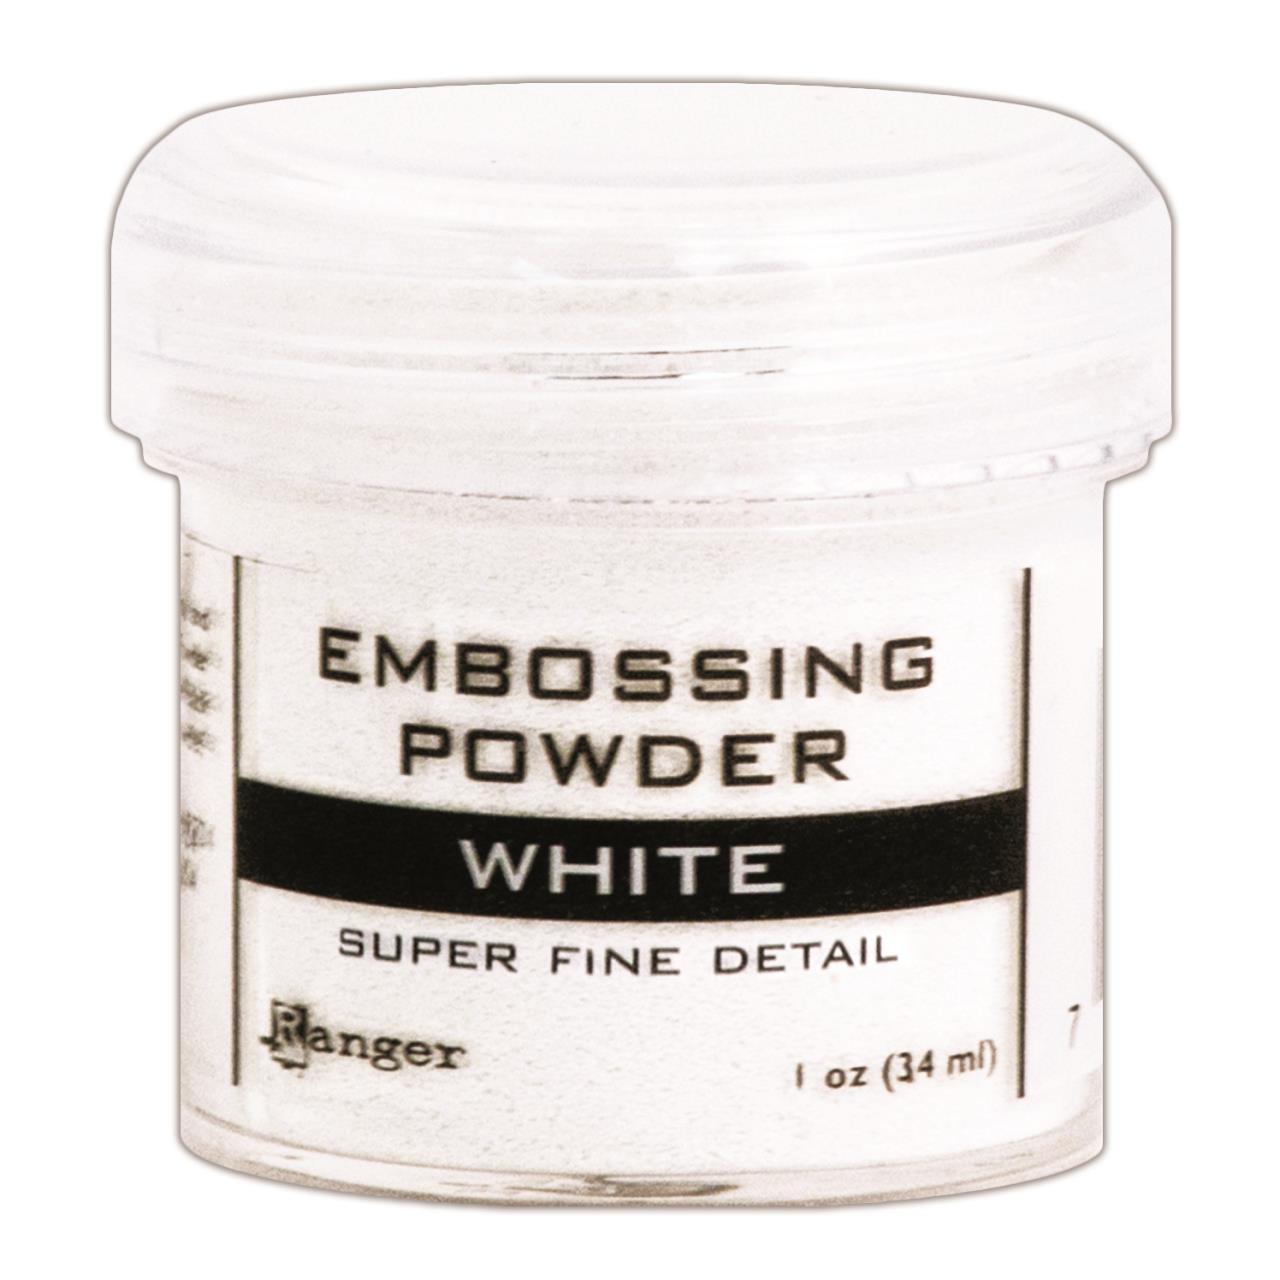 Ranger Super Fine Embossing Powder, White -